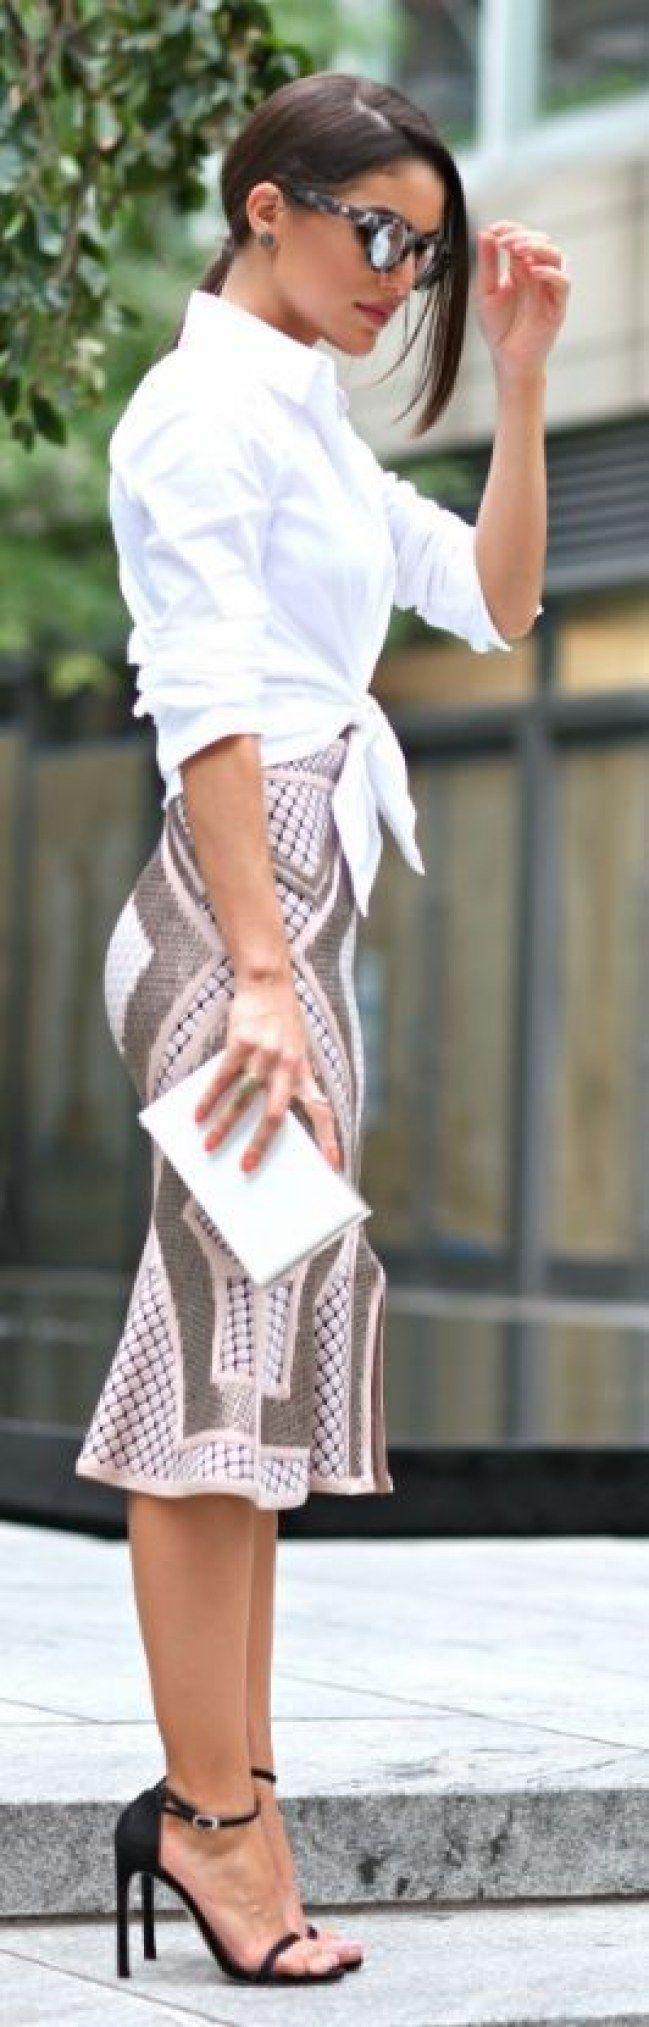 Como usar camisa branca - Camila Coelho                                                                                                                                                                                 Mais